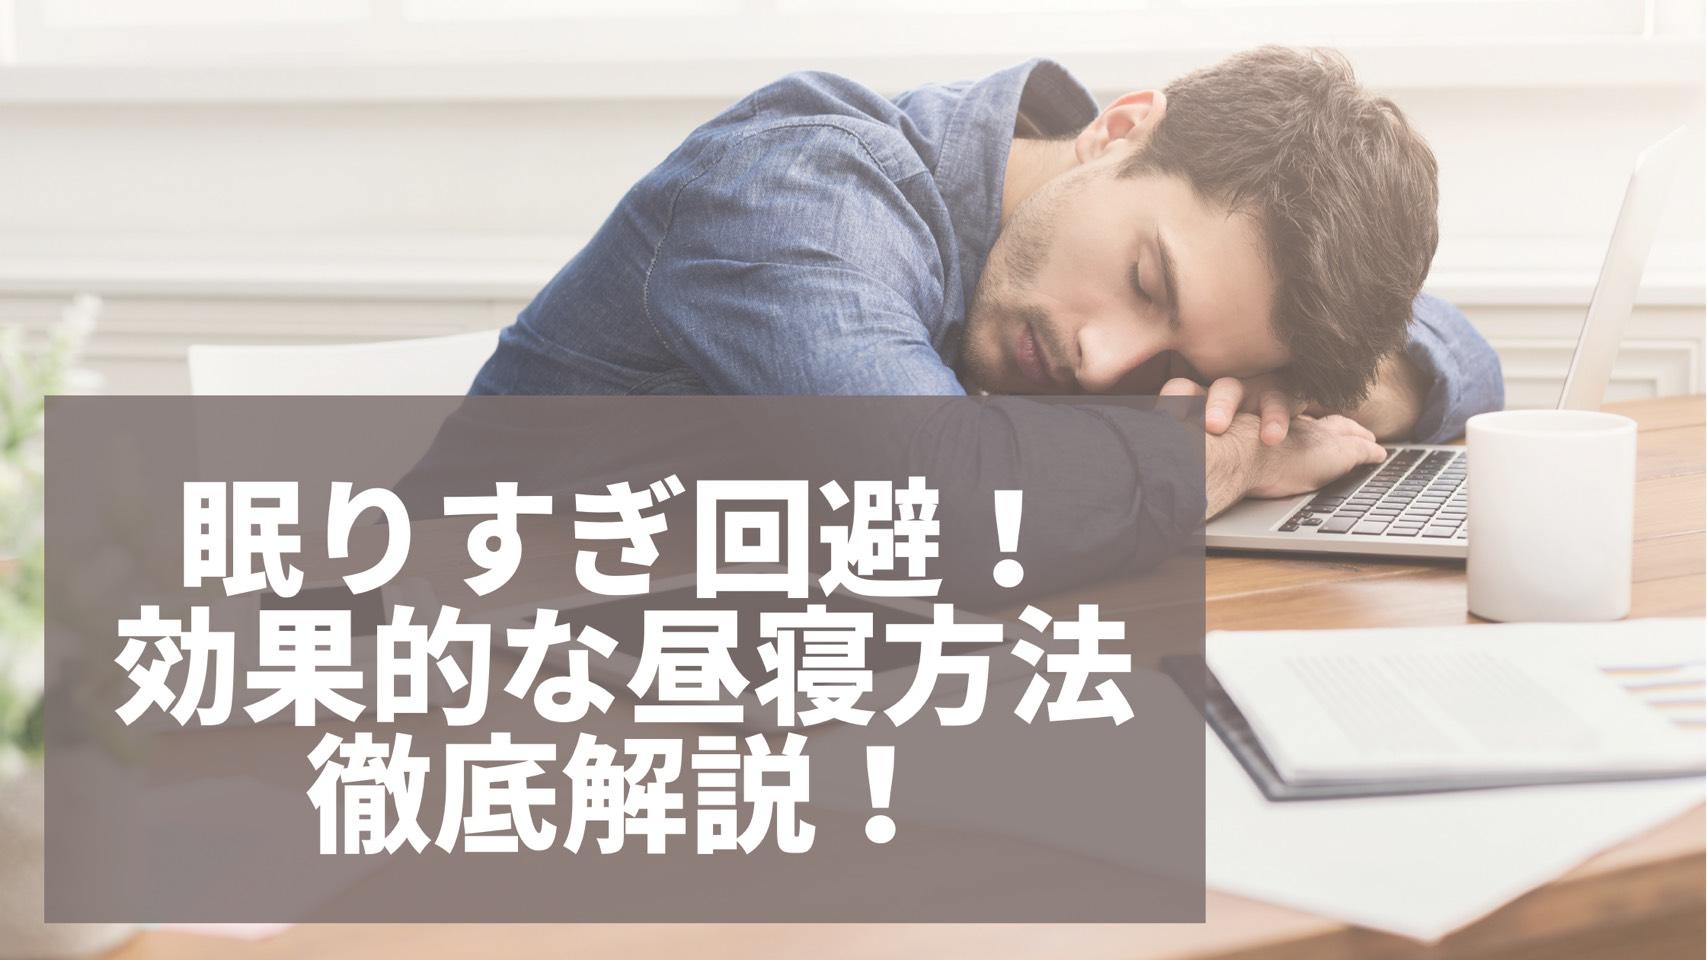 眠りすぎ回避!効果的な昼寝の方法を徹底解説!